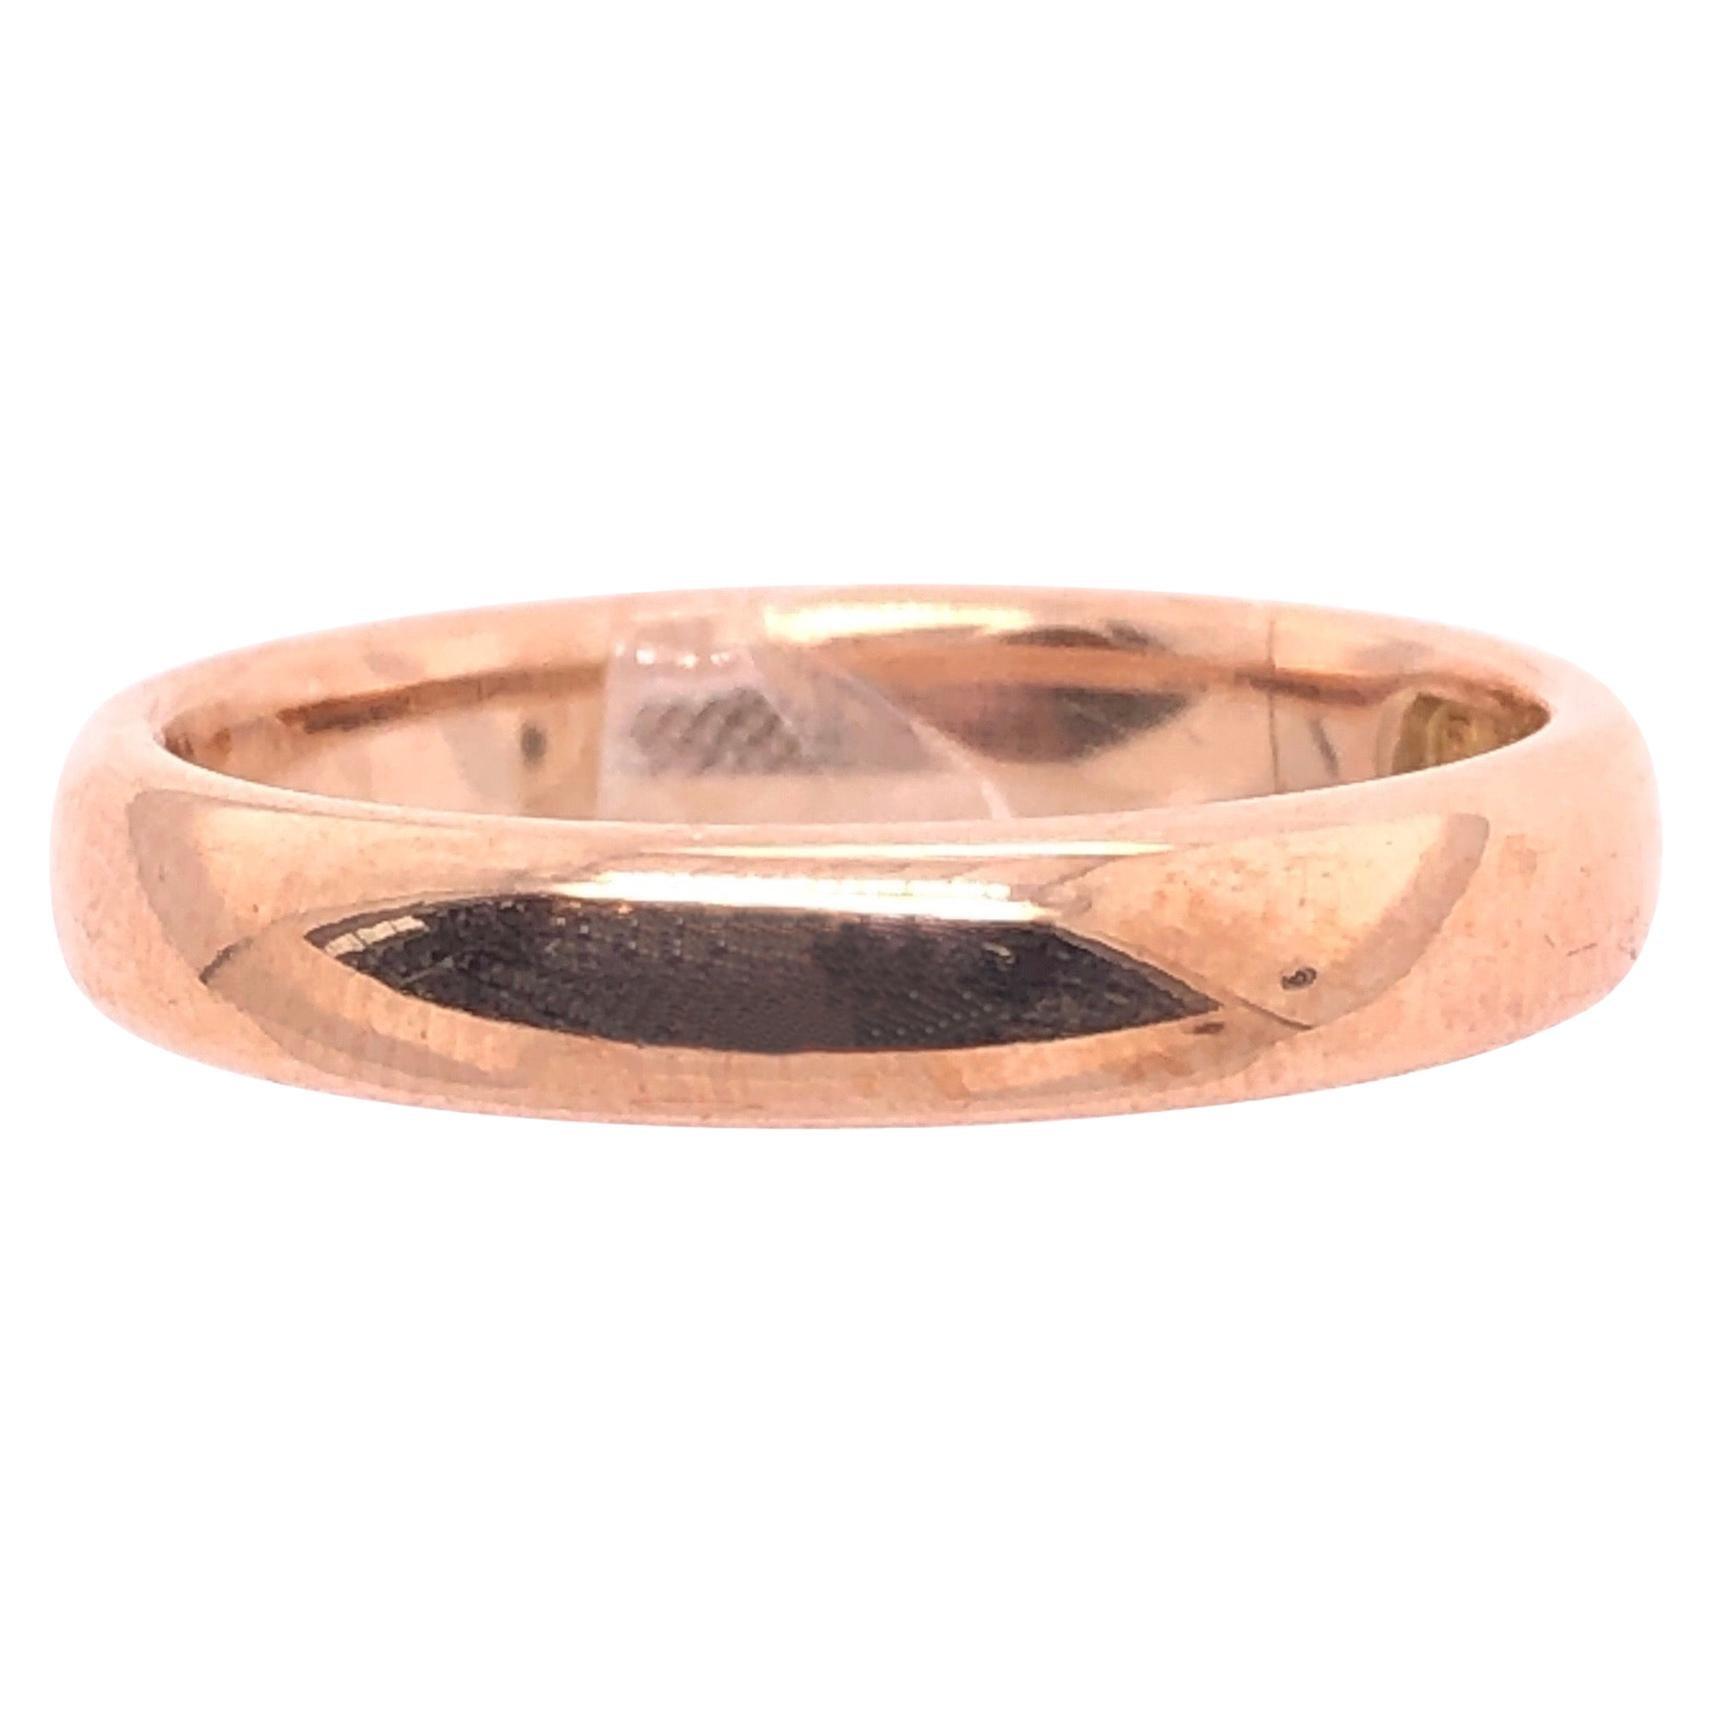 14 Karat Yellow Gold Wedding Ring / Bridal Band